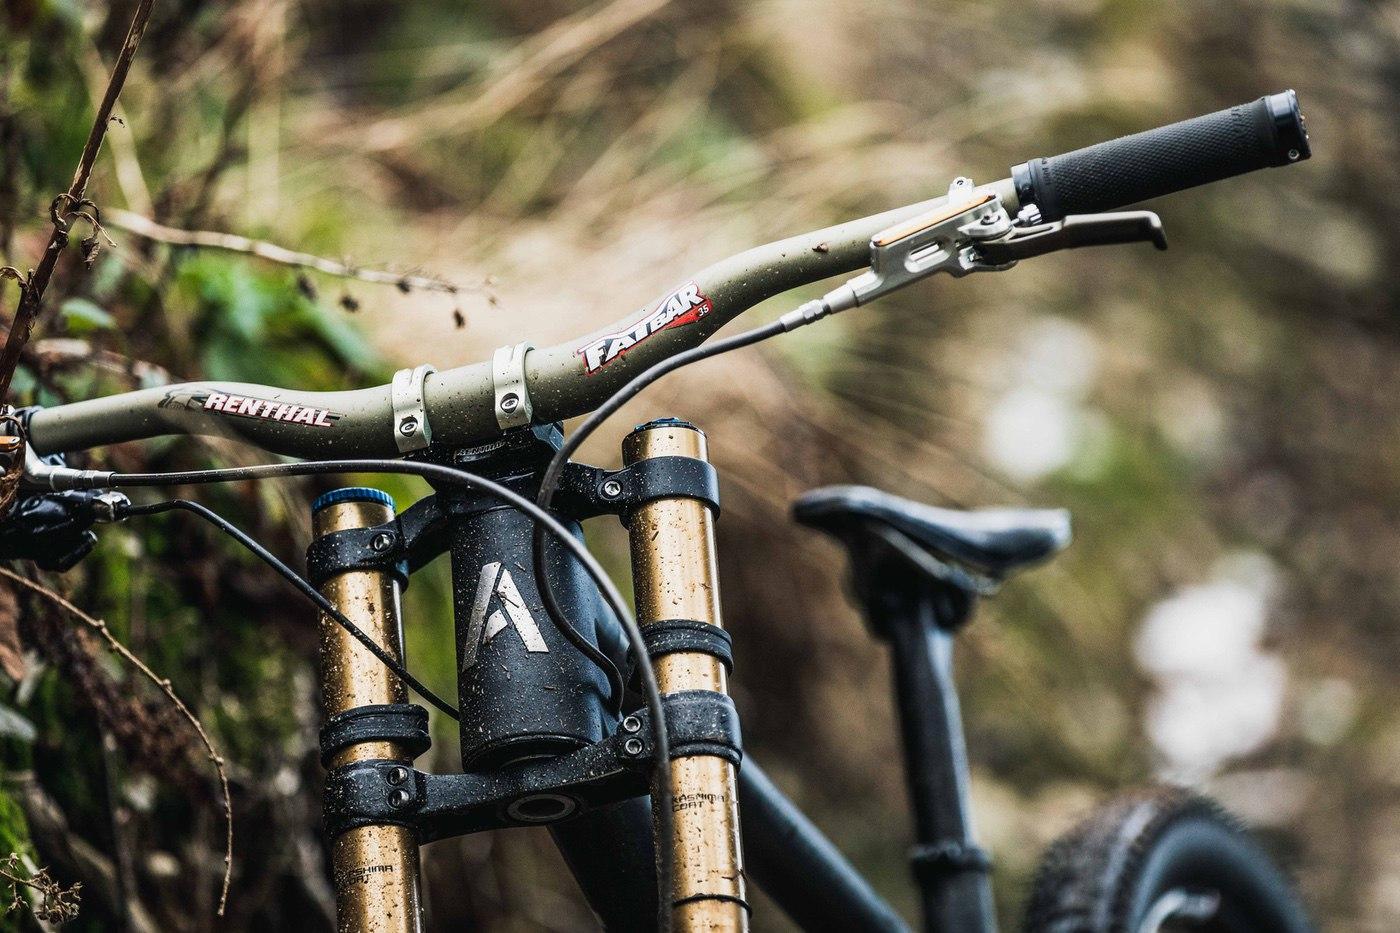 Atherton Bikes: La nueva marca de bicis de los hermanos Atherton